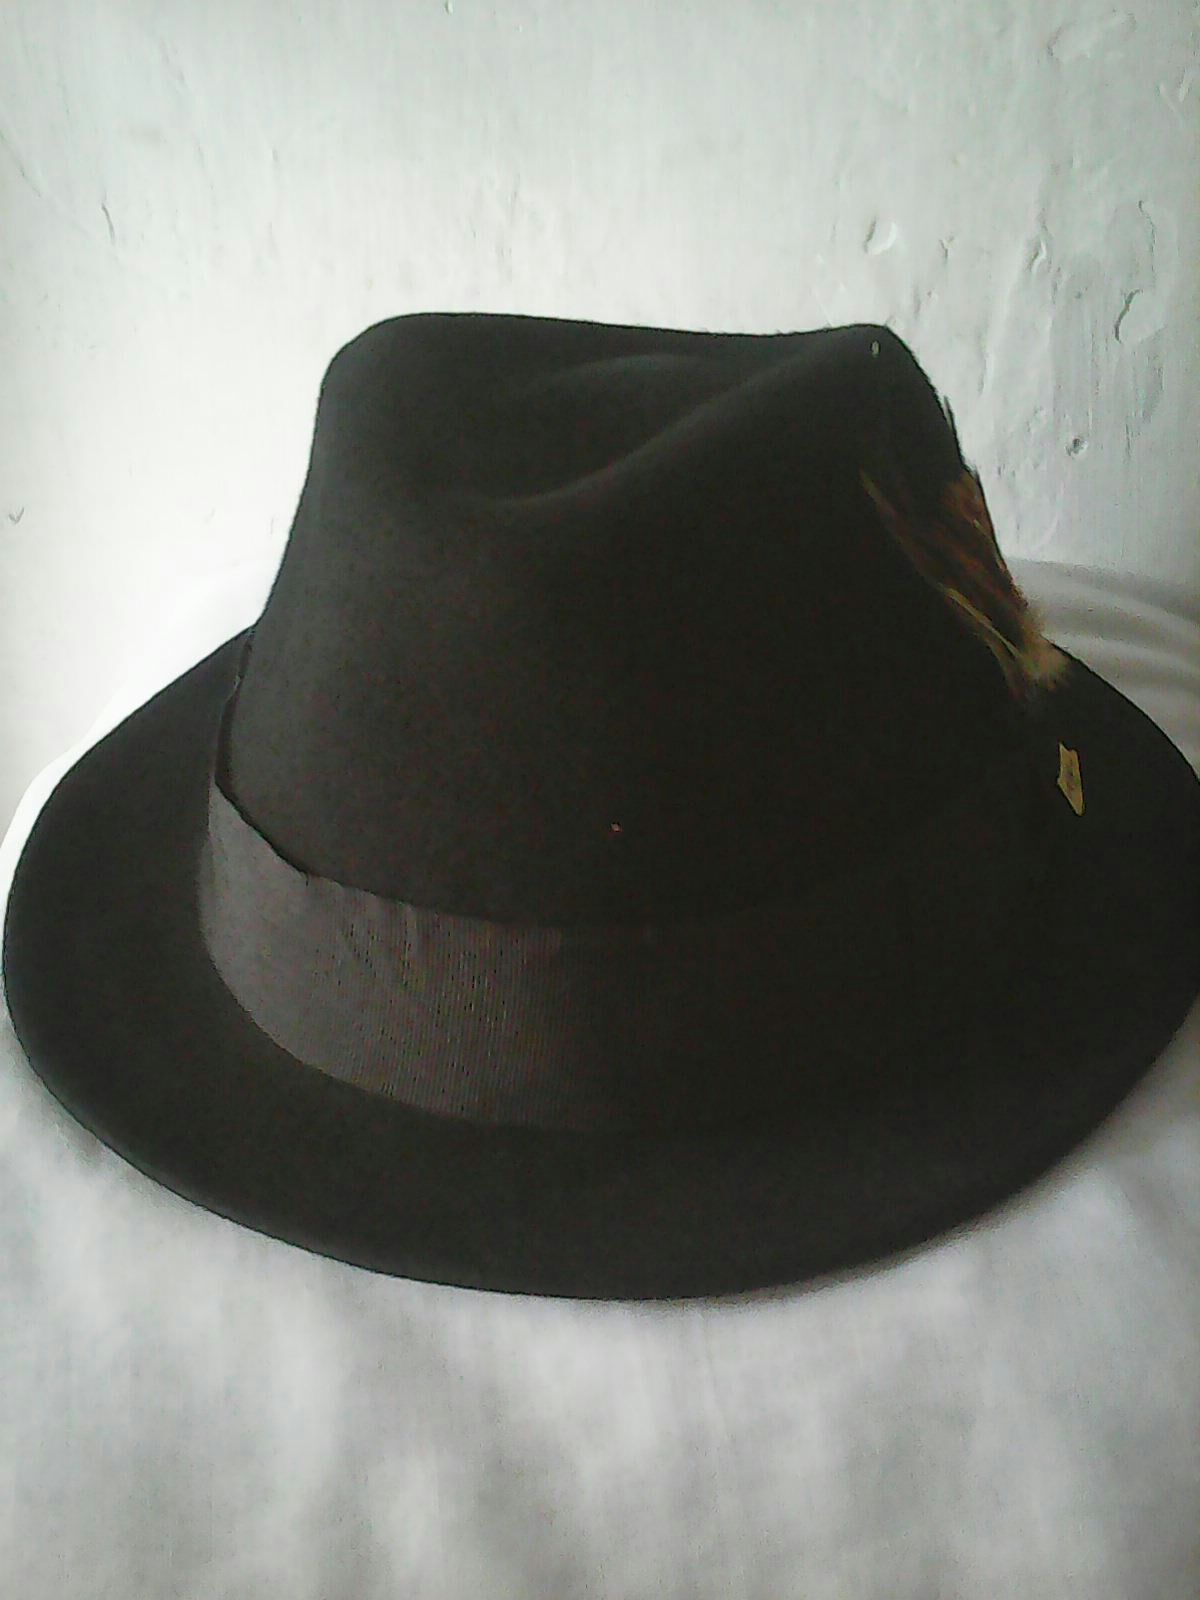 Jual Topi Laken Impor Topi Cowboy Impor  Galeri Foto 0f185e4fa3